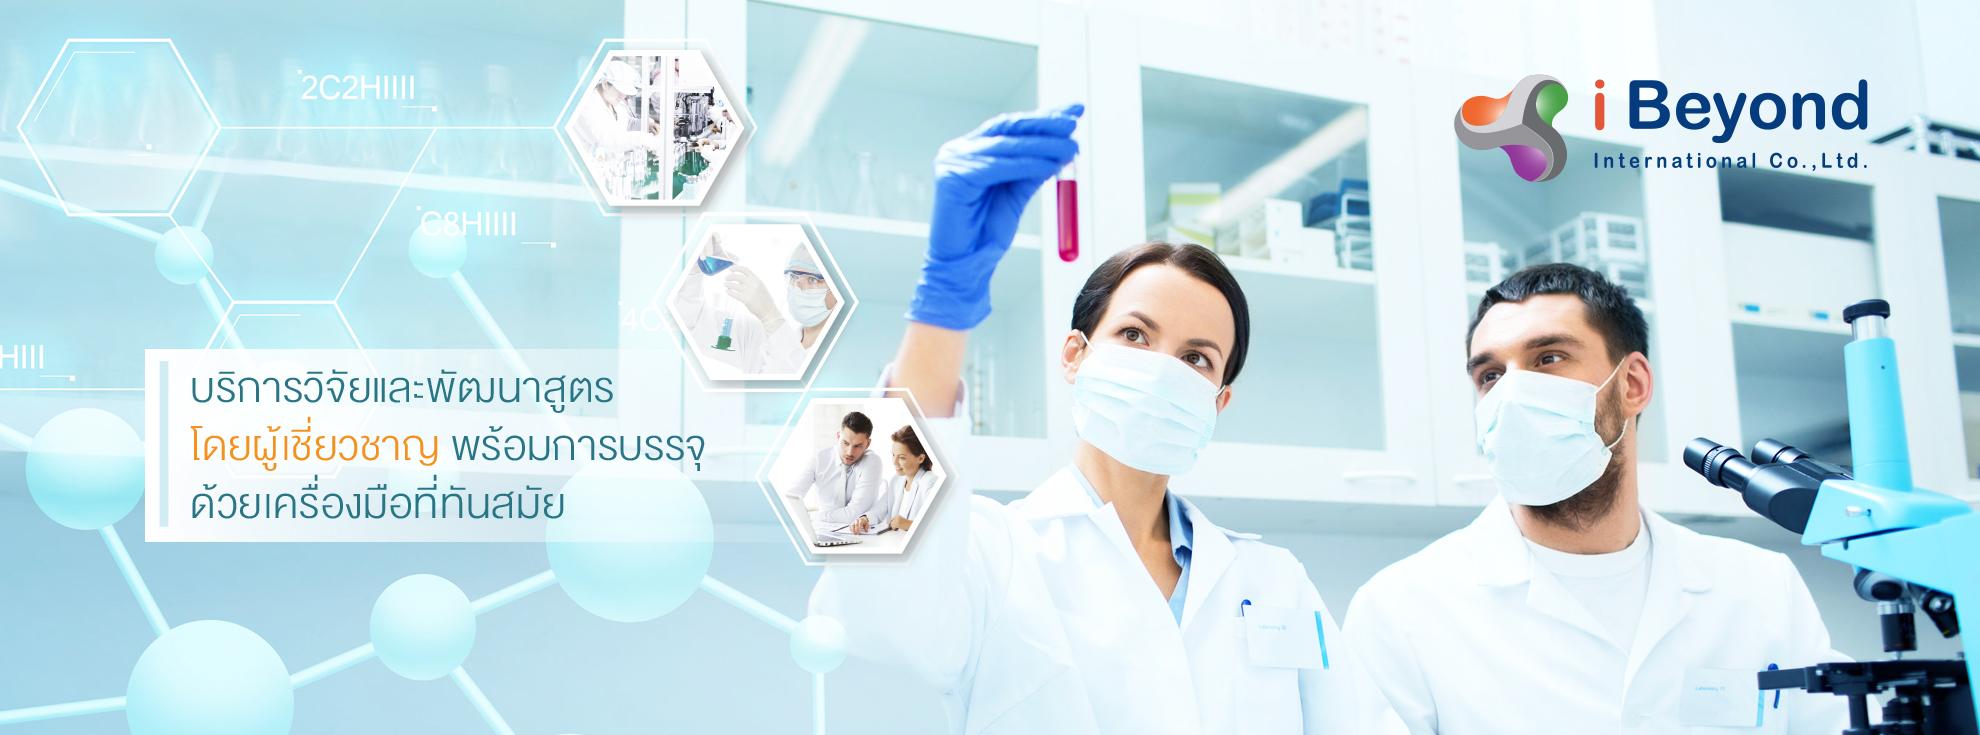 บริการวิจัยและพัฒนาสูตร โดยผู้เชี่ยวชาญ พร้อมการบรรจุด้วยเครื่องมือที่ทันสมัย